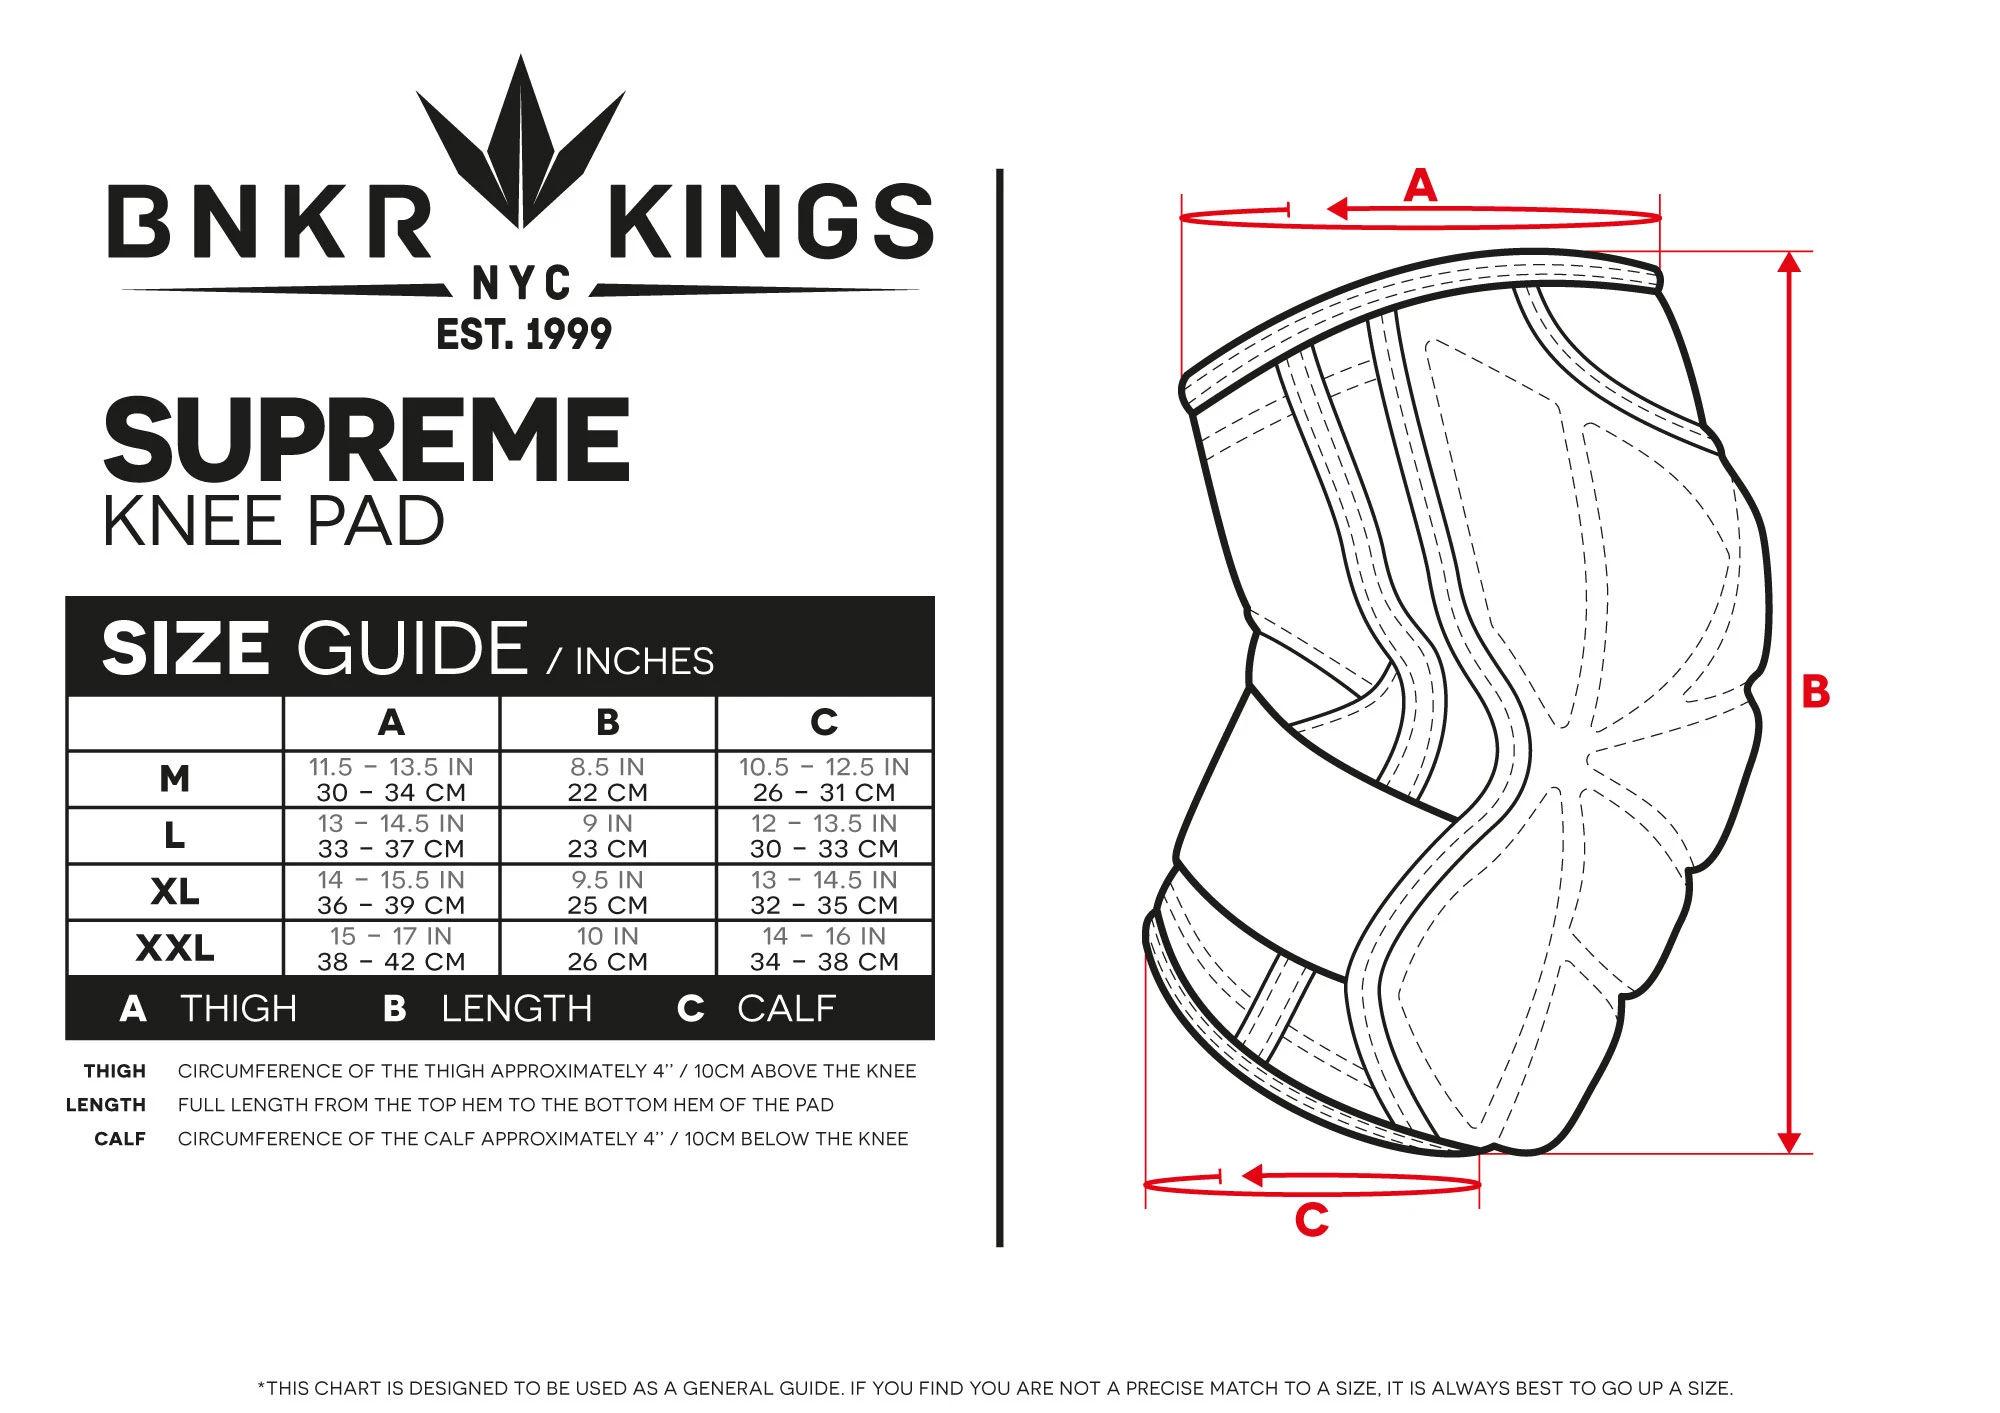 Bunkerkings Supreme Knee Pad